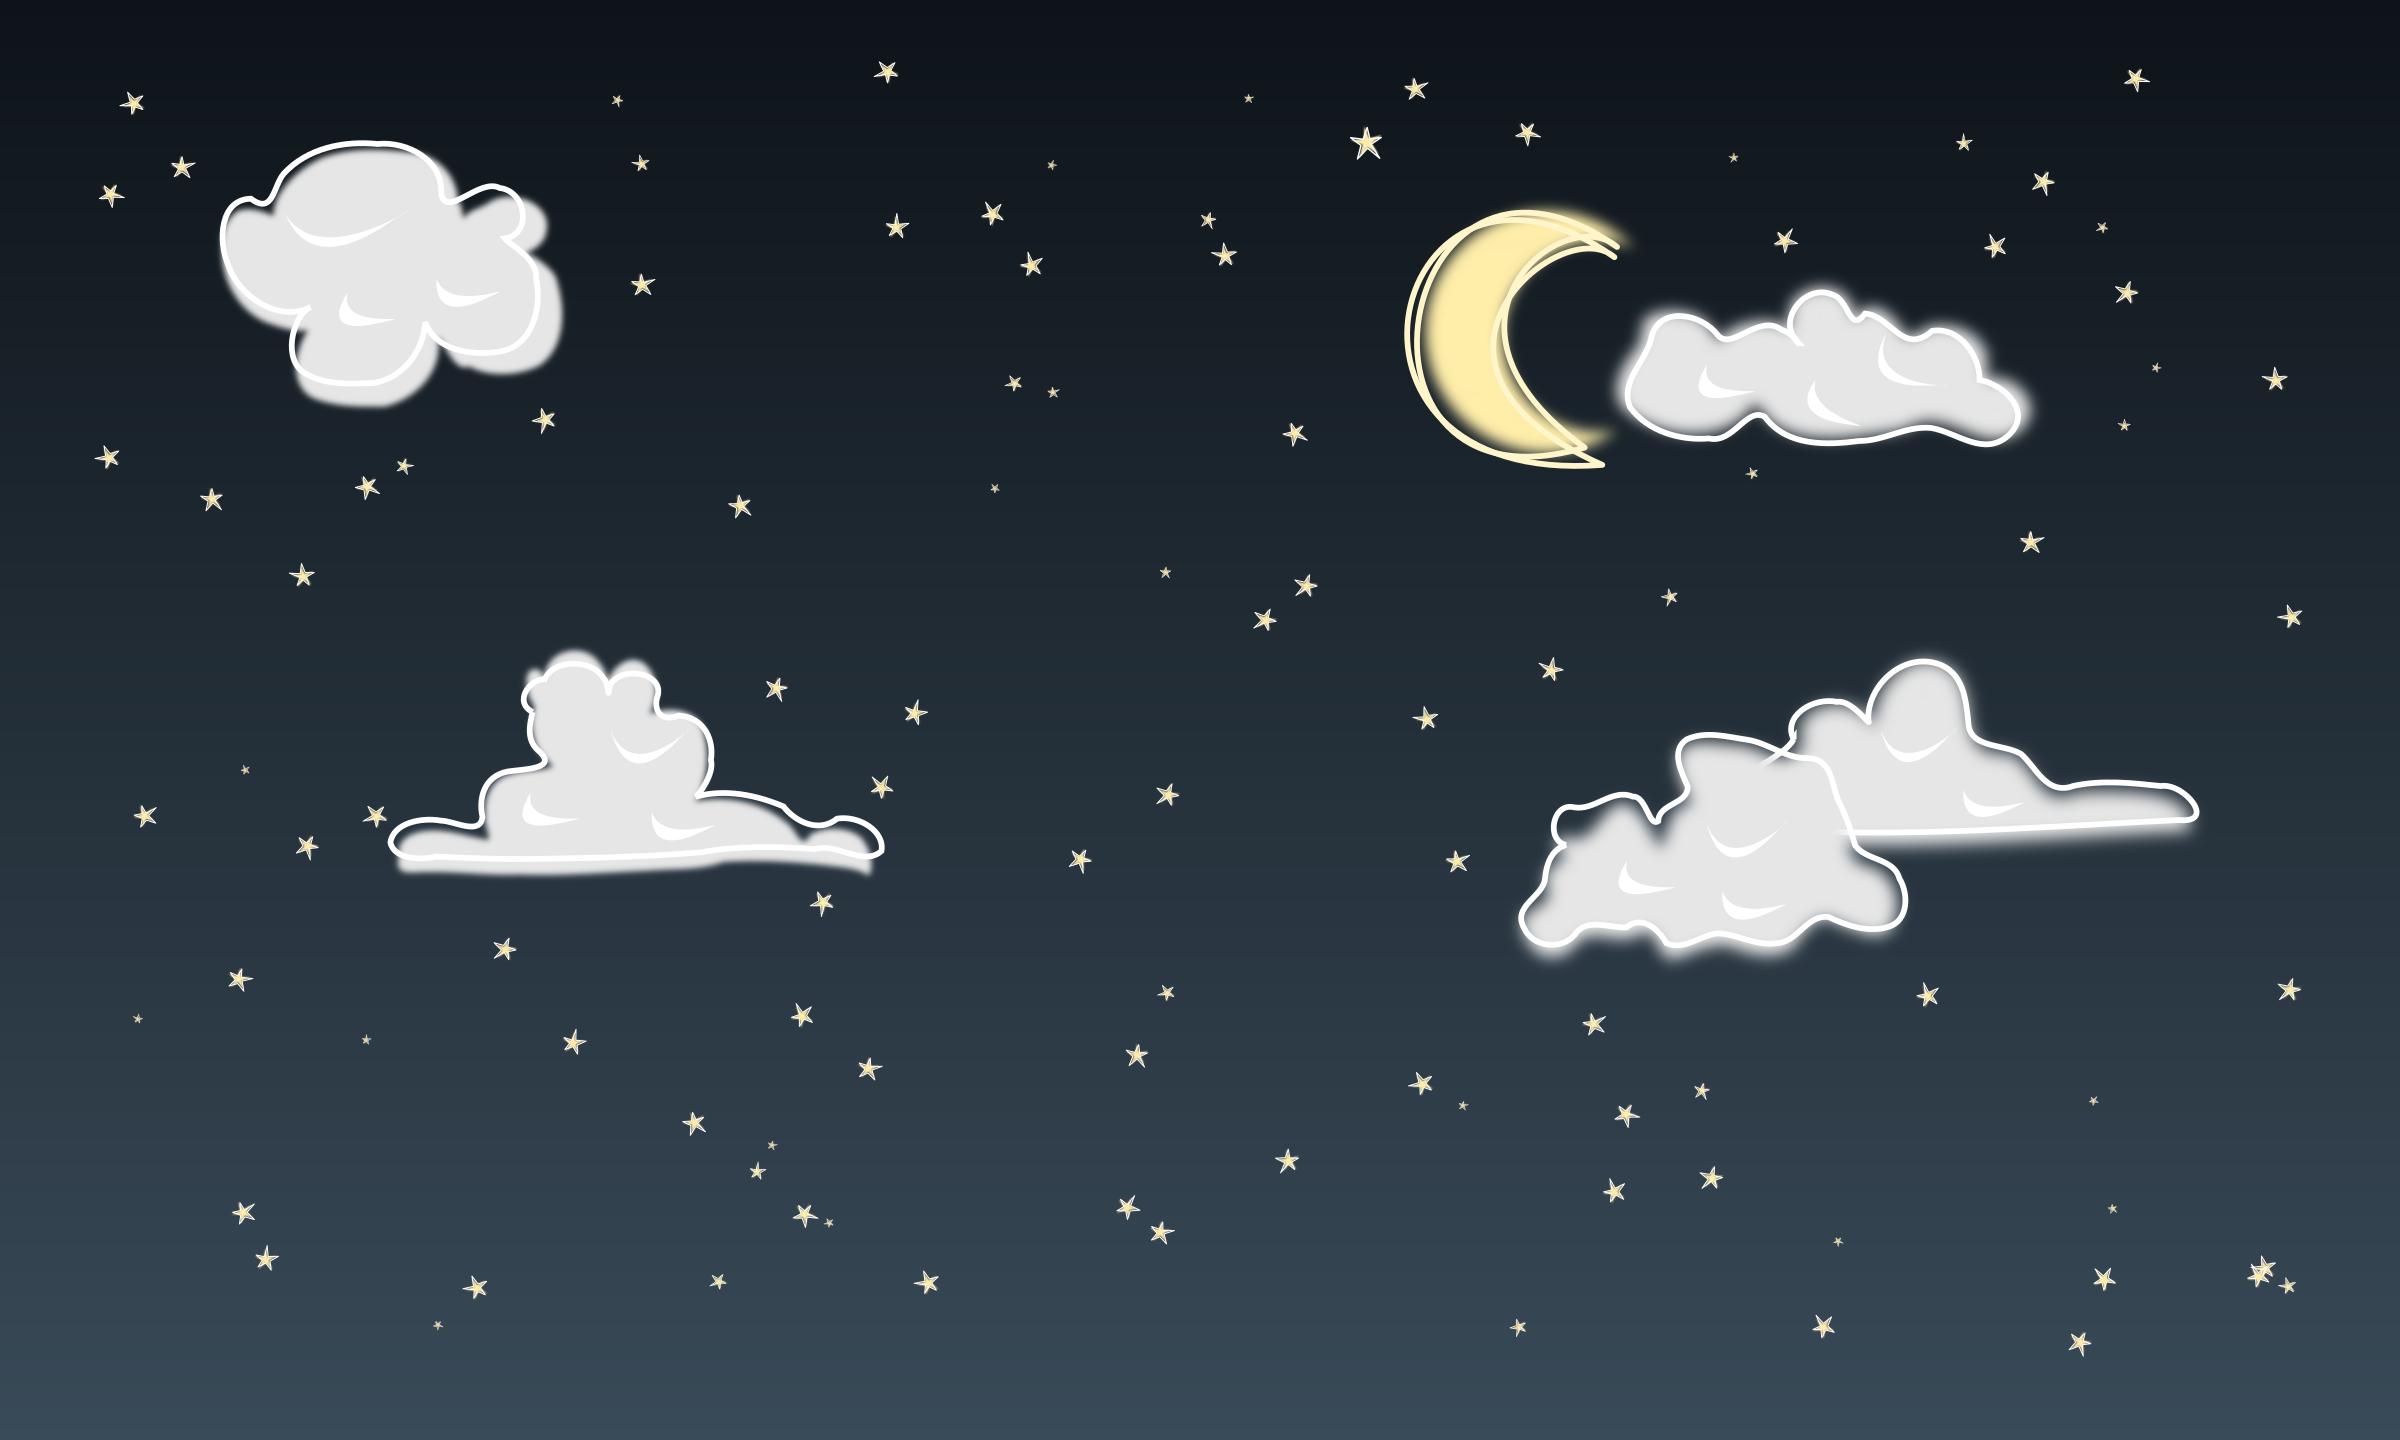 Night sky by yeKcim